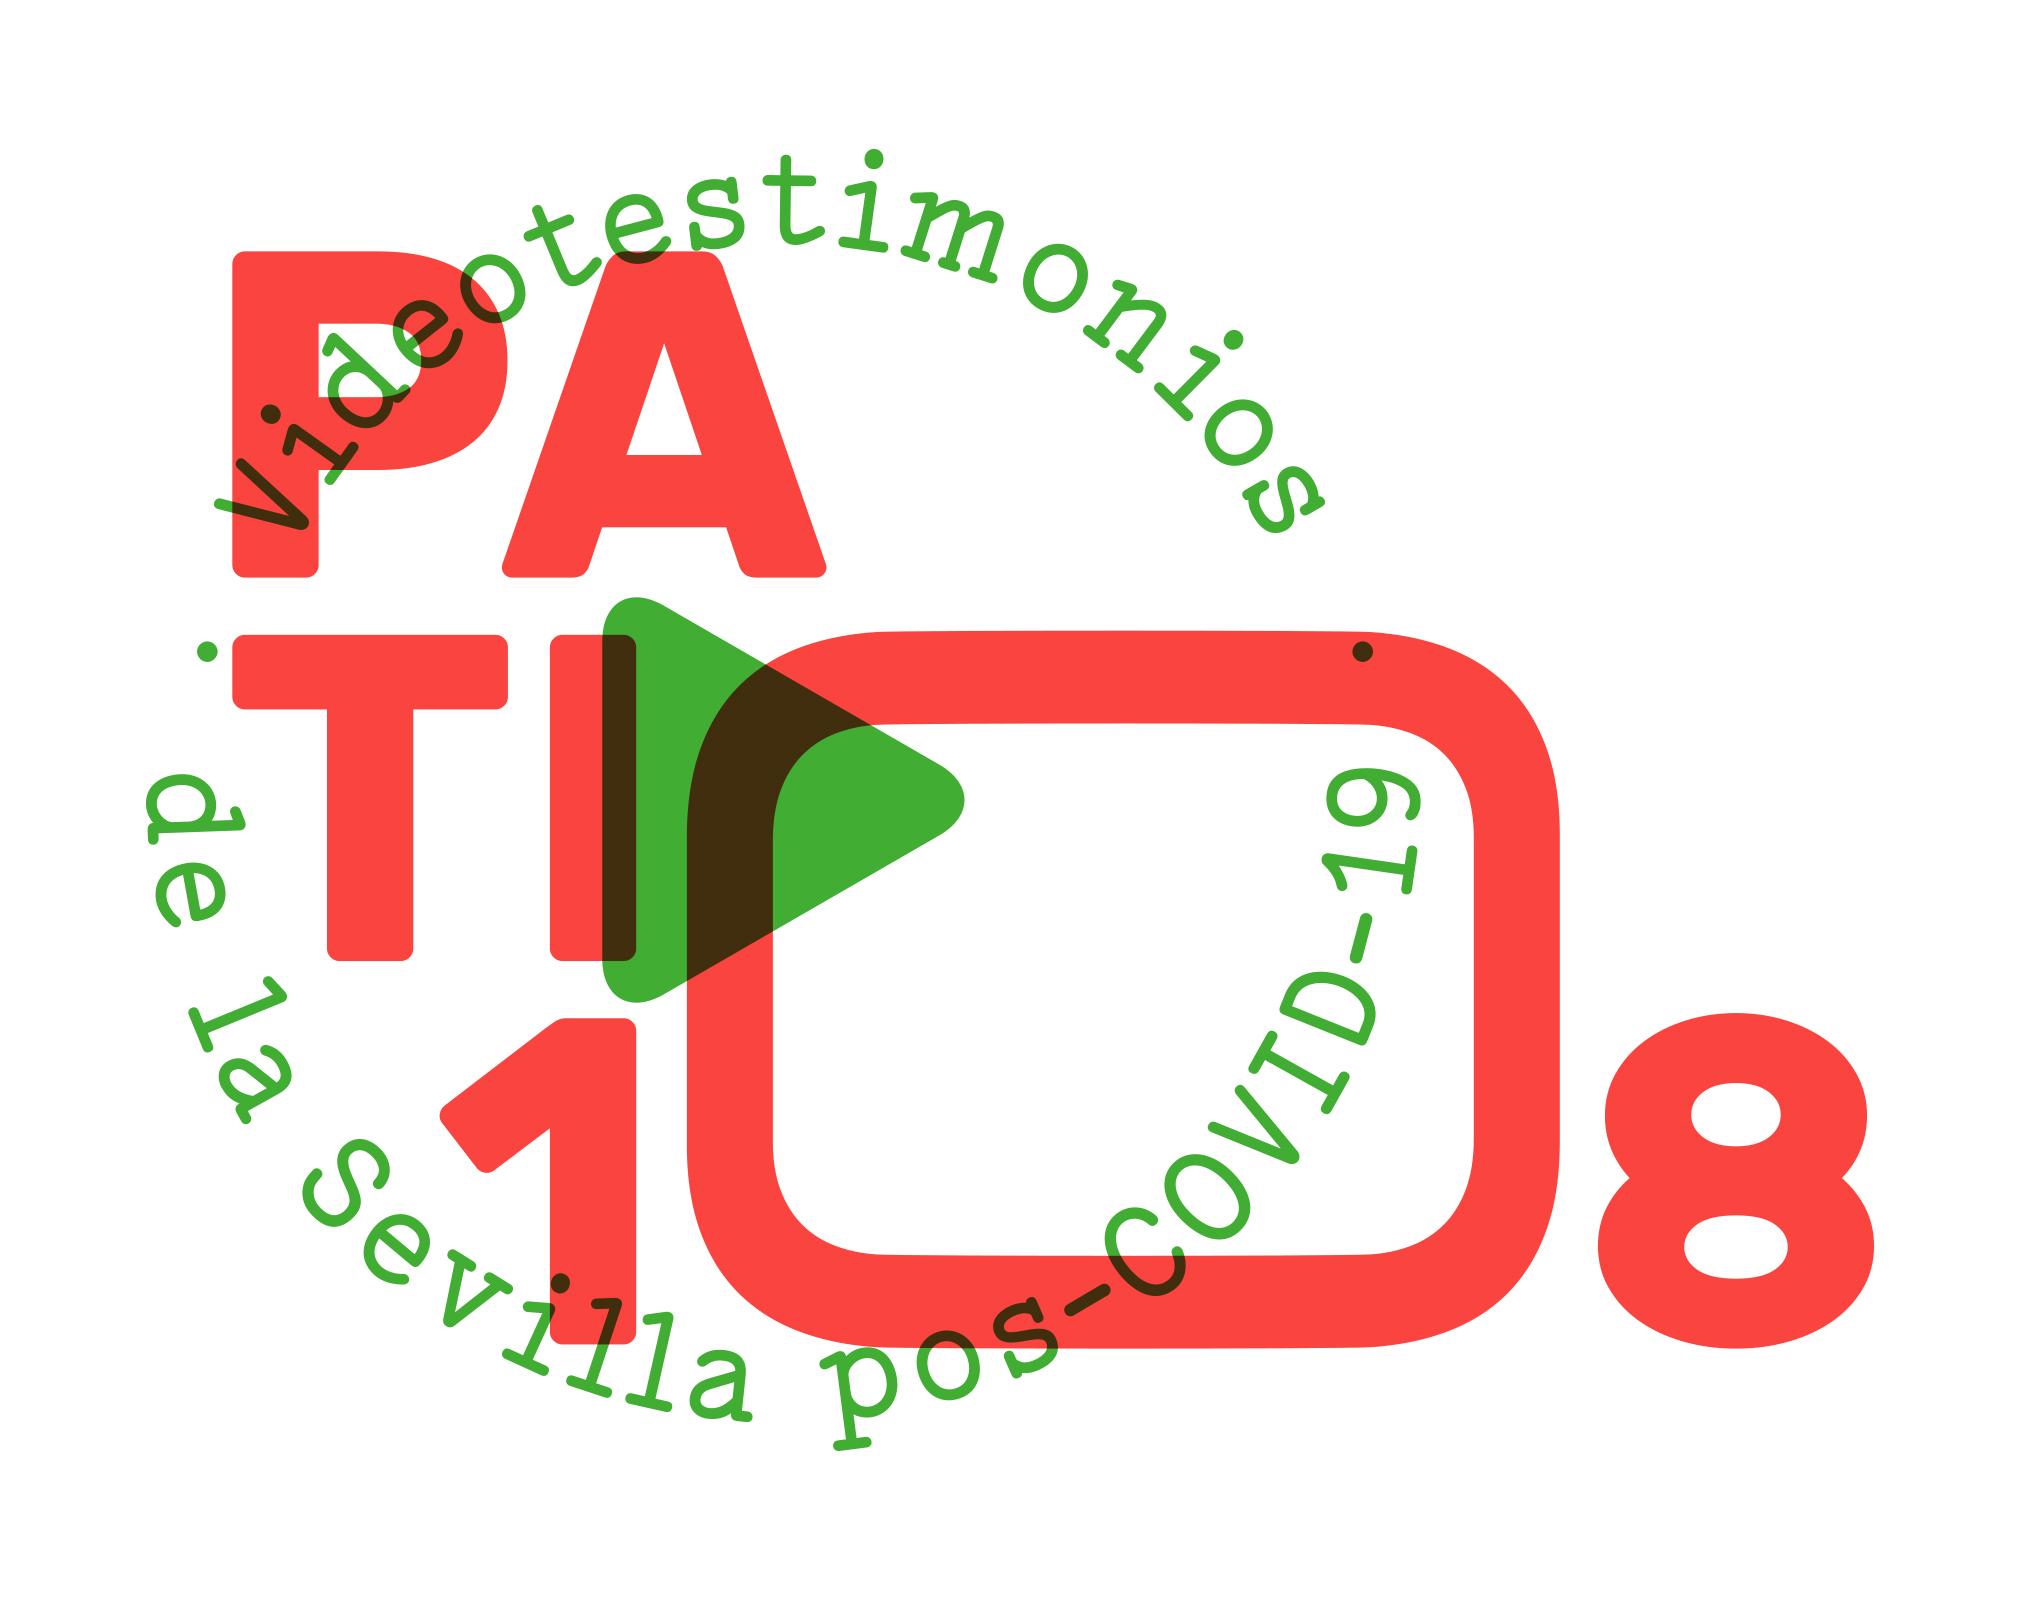 patio108/static/site/img/logos/logo-patio108.jpg